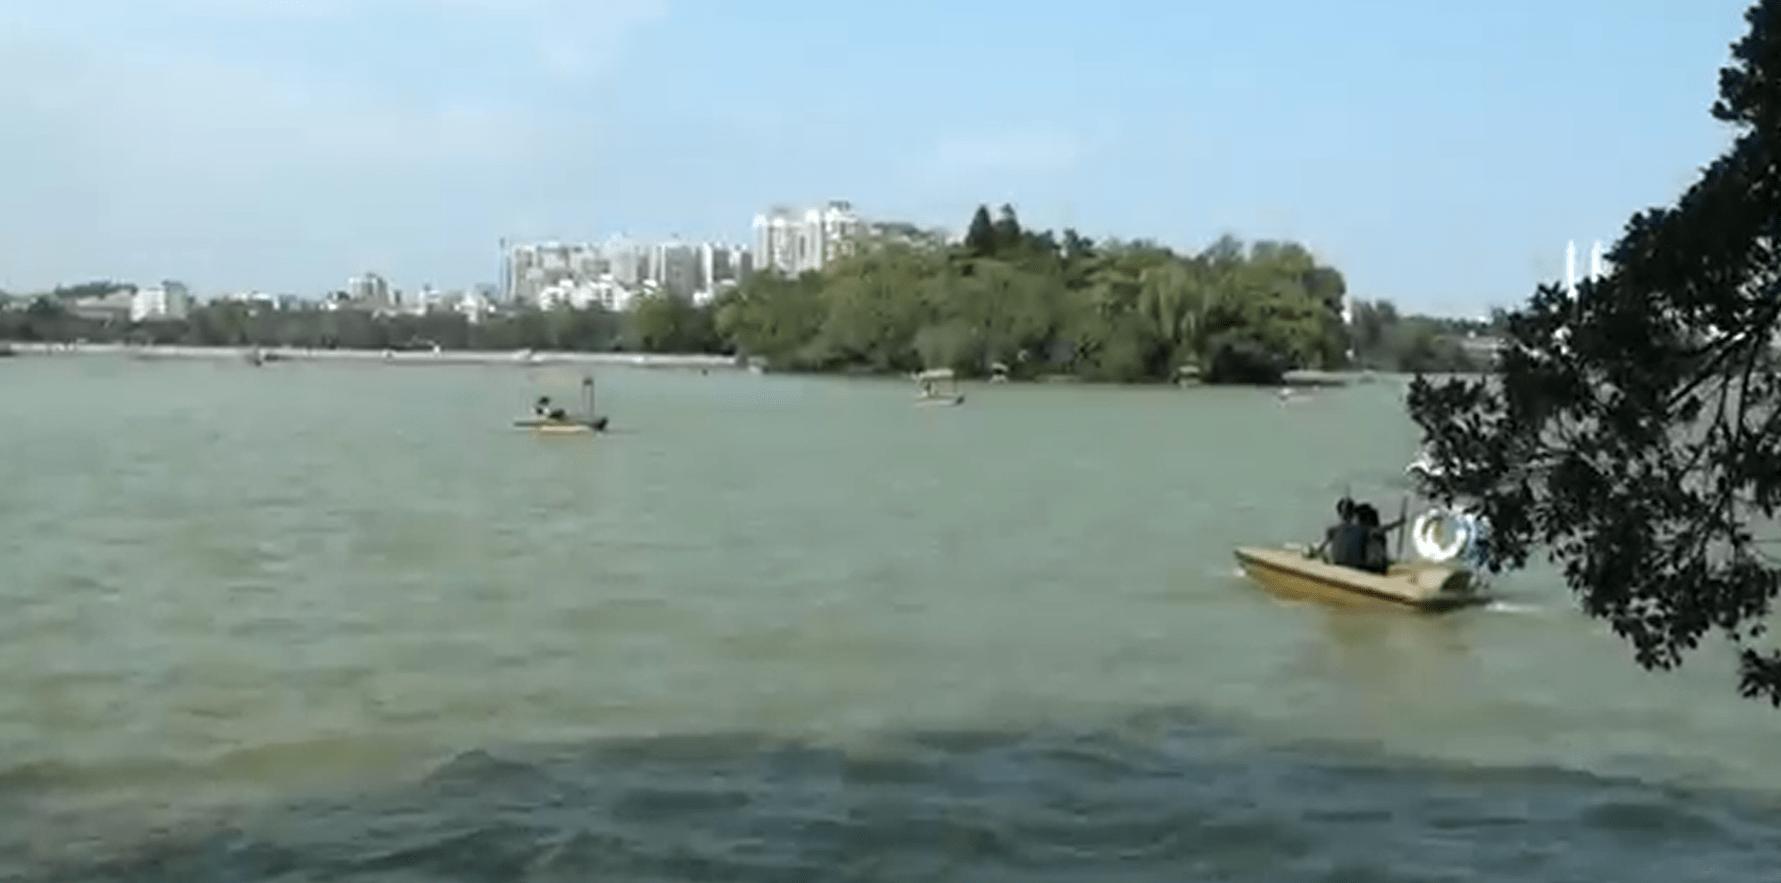 峡城宜昌与侨城惠州,两座城市前景你更看好谁?